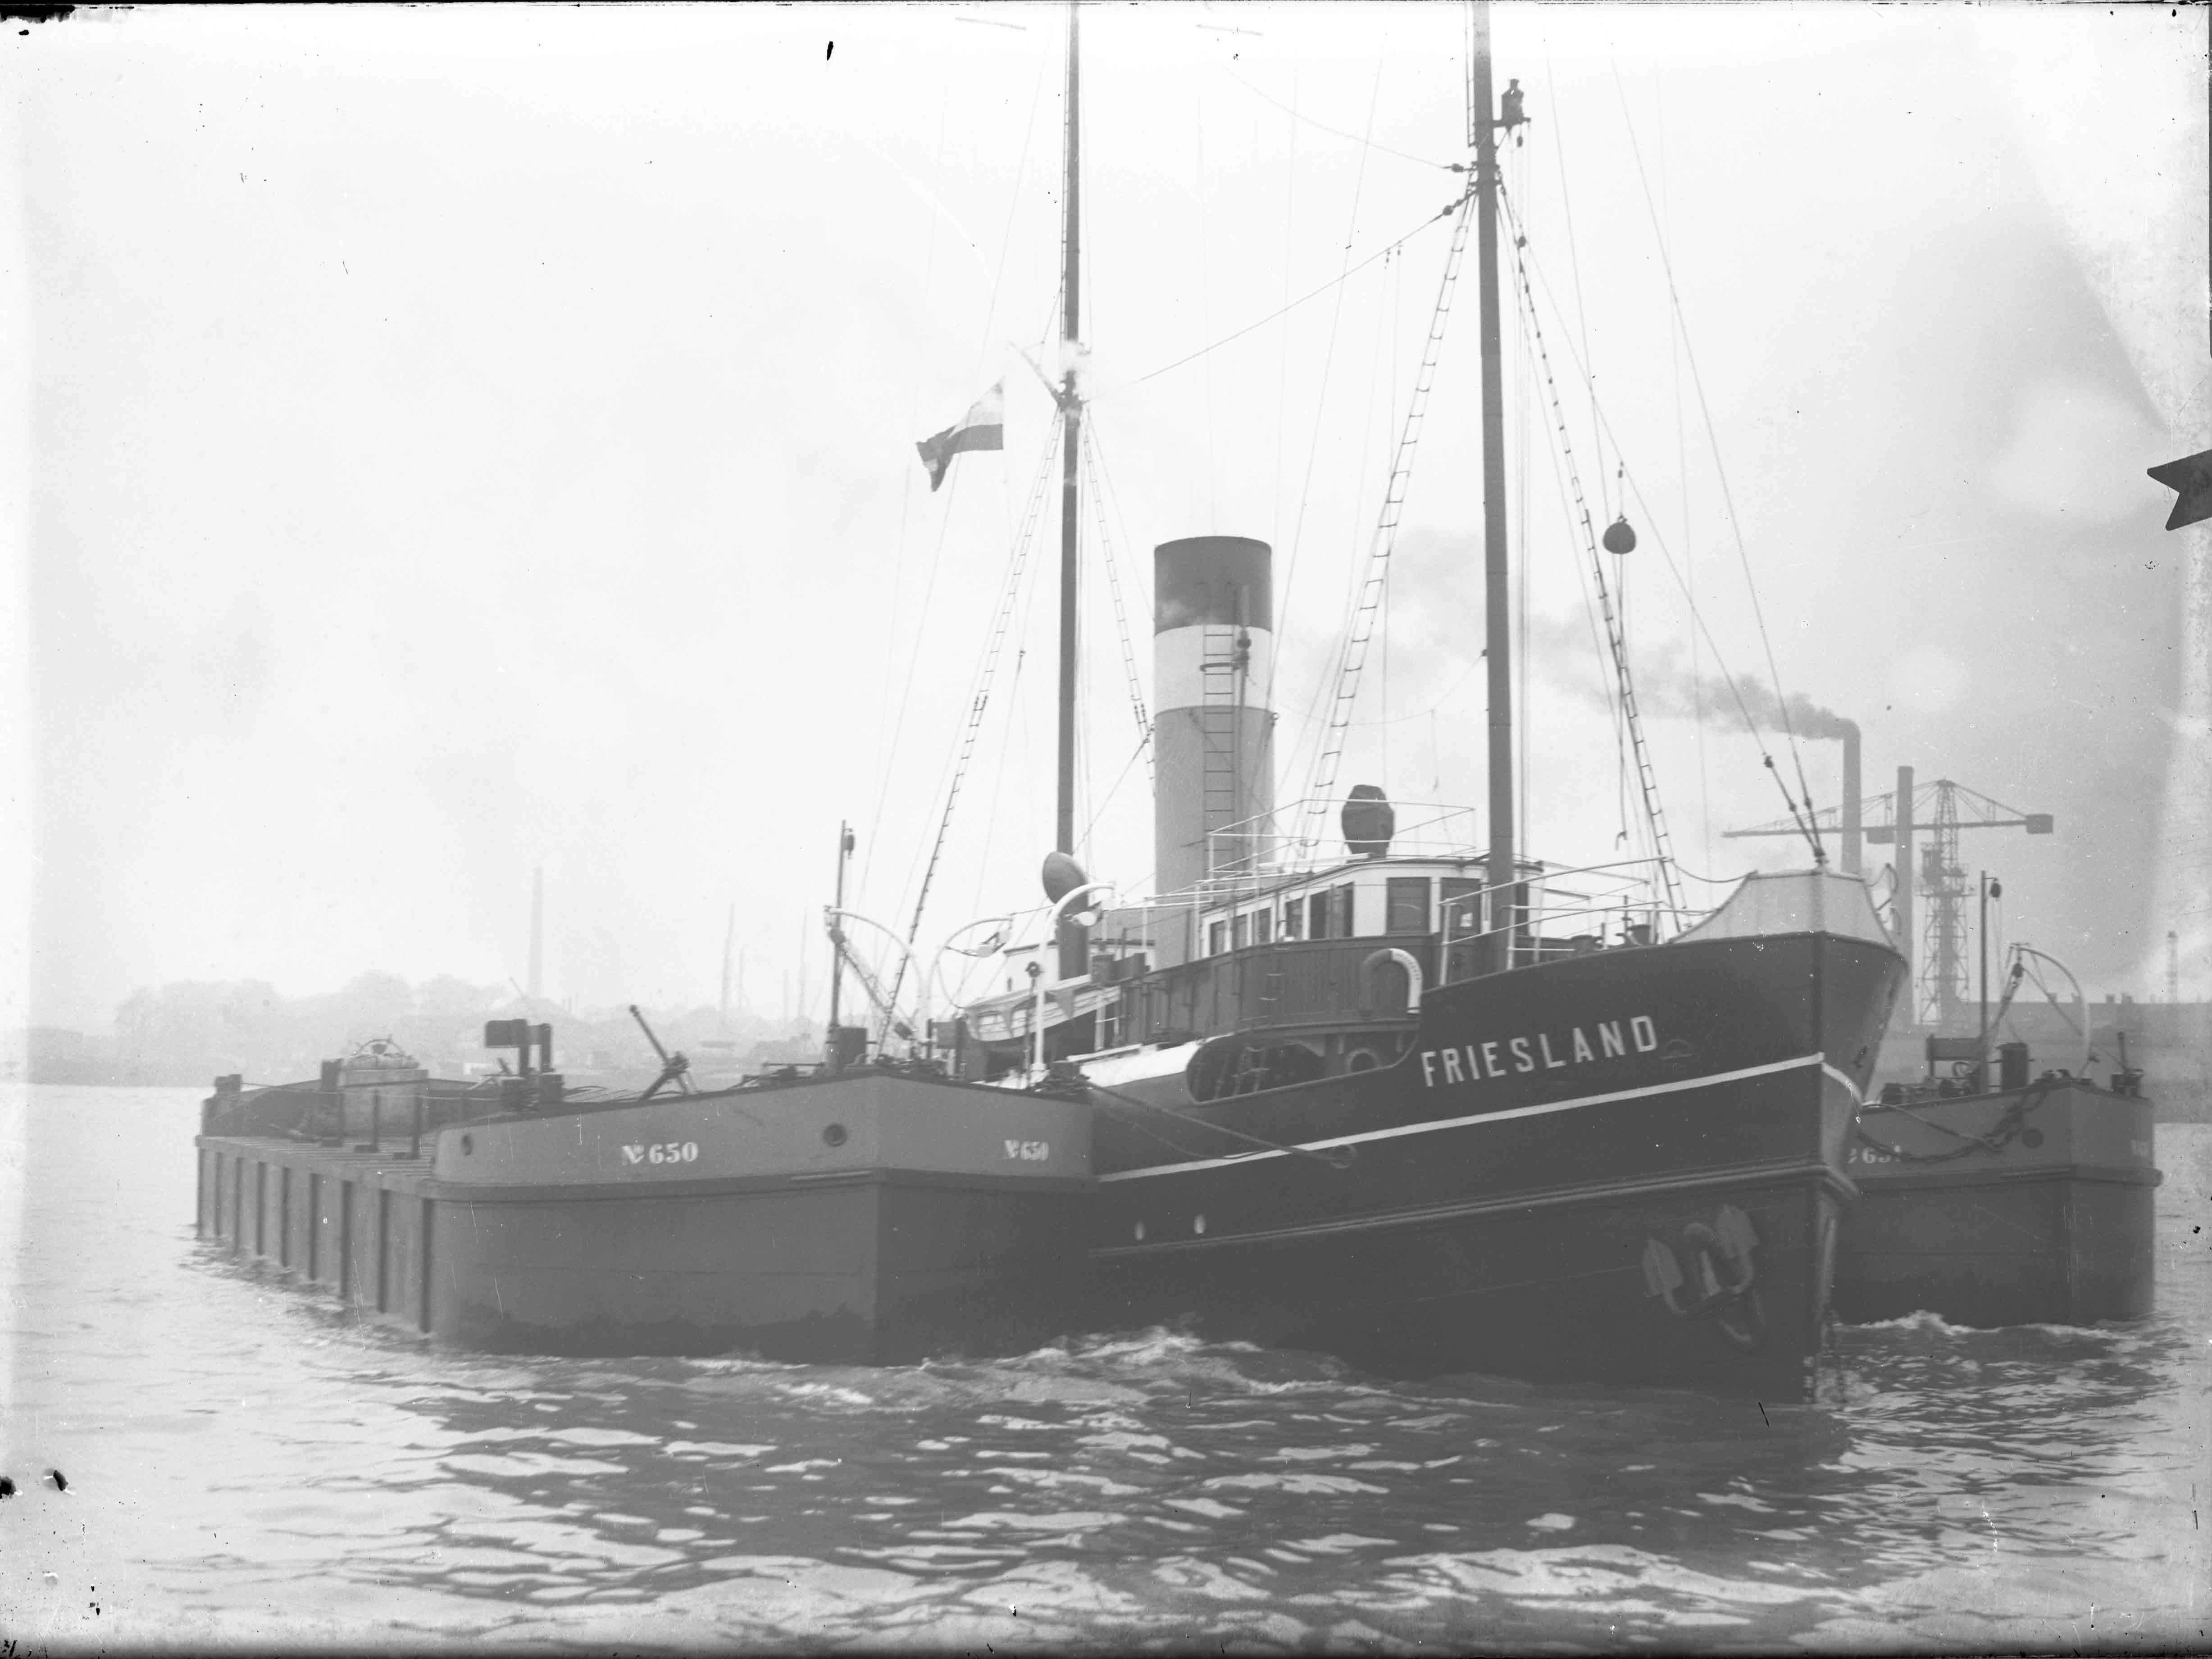 Bnr's. 650 & 651: Tuimelbakken (1930)